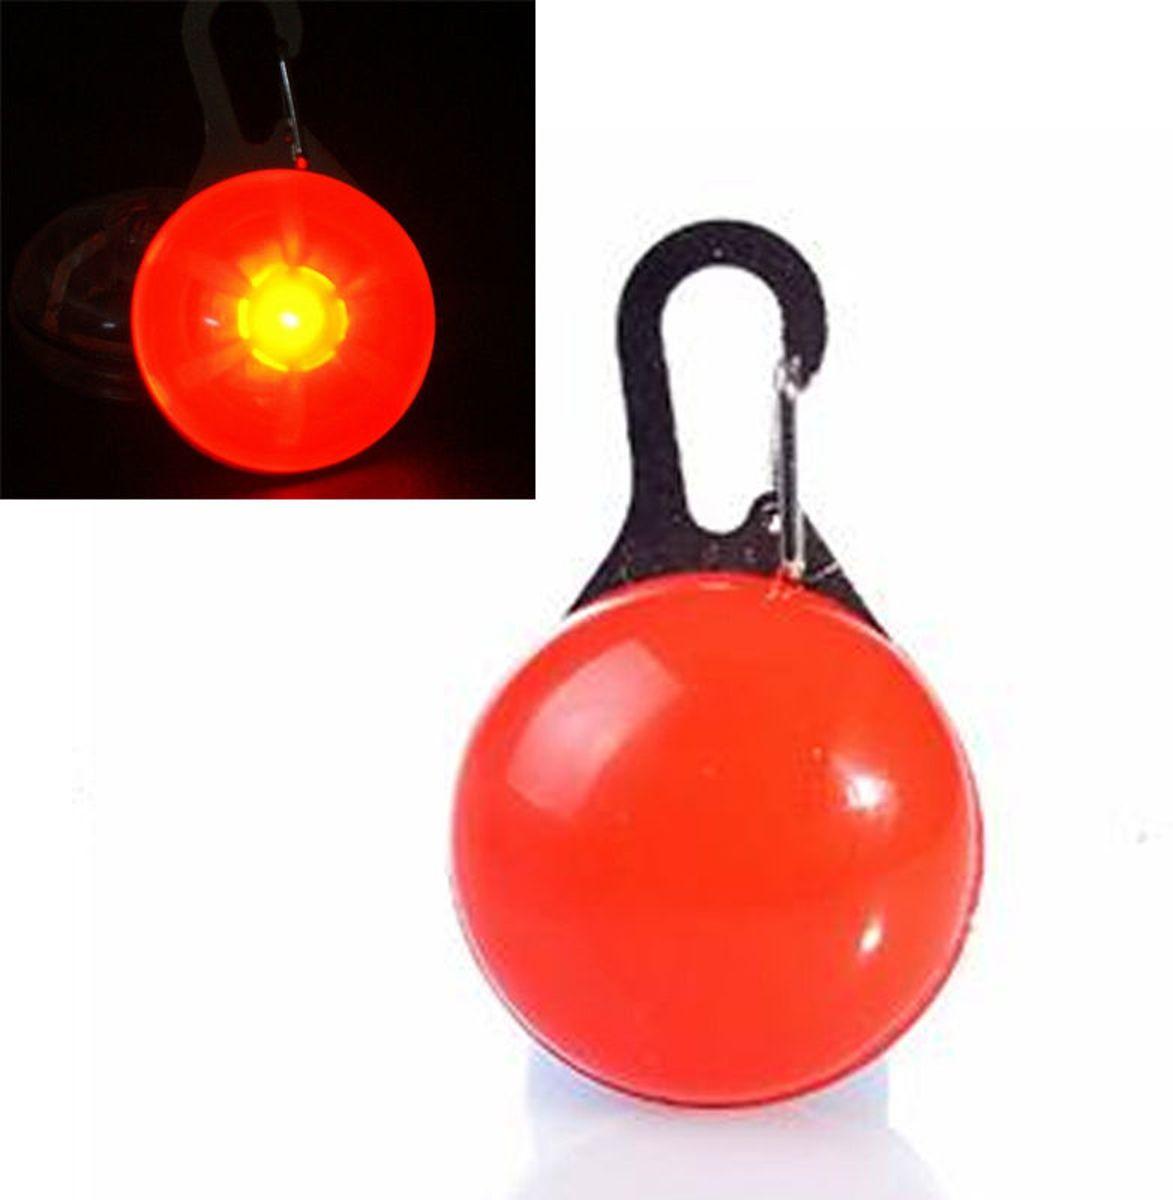 Led honden halsband verlichting - Led lamp hondenriem - licht voor aan de hondenriem - Rood kopen